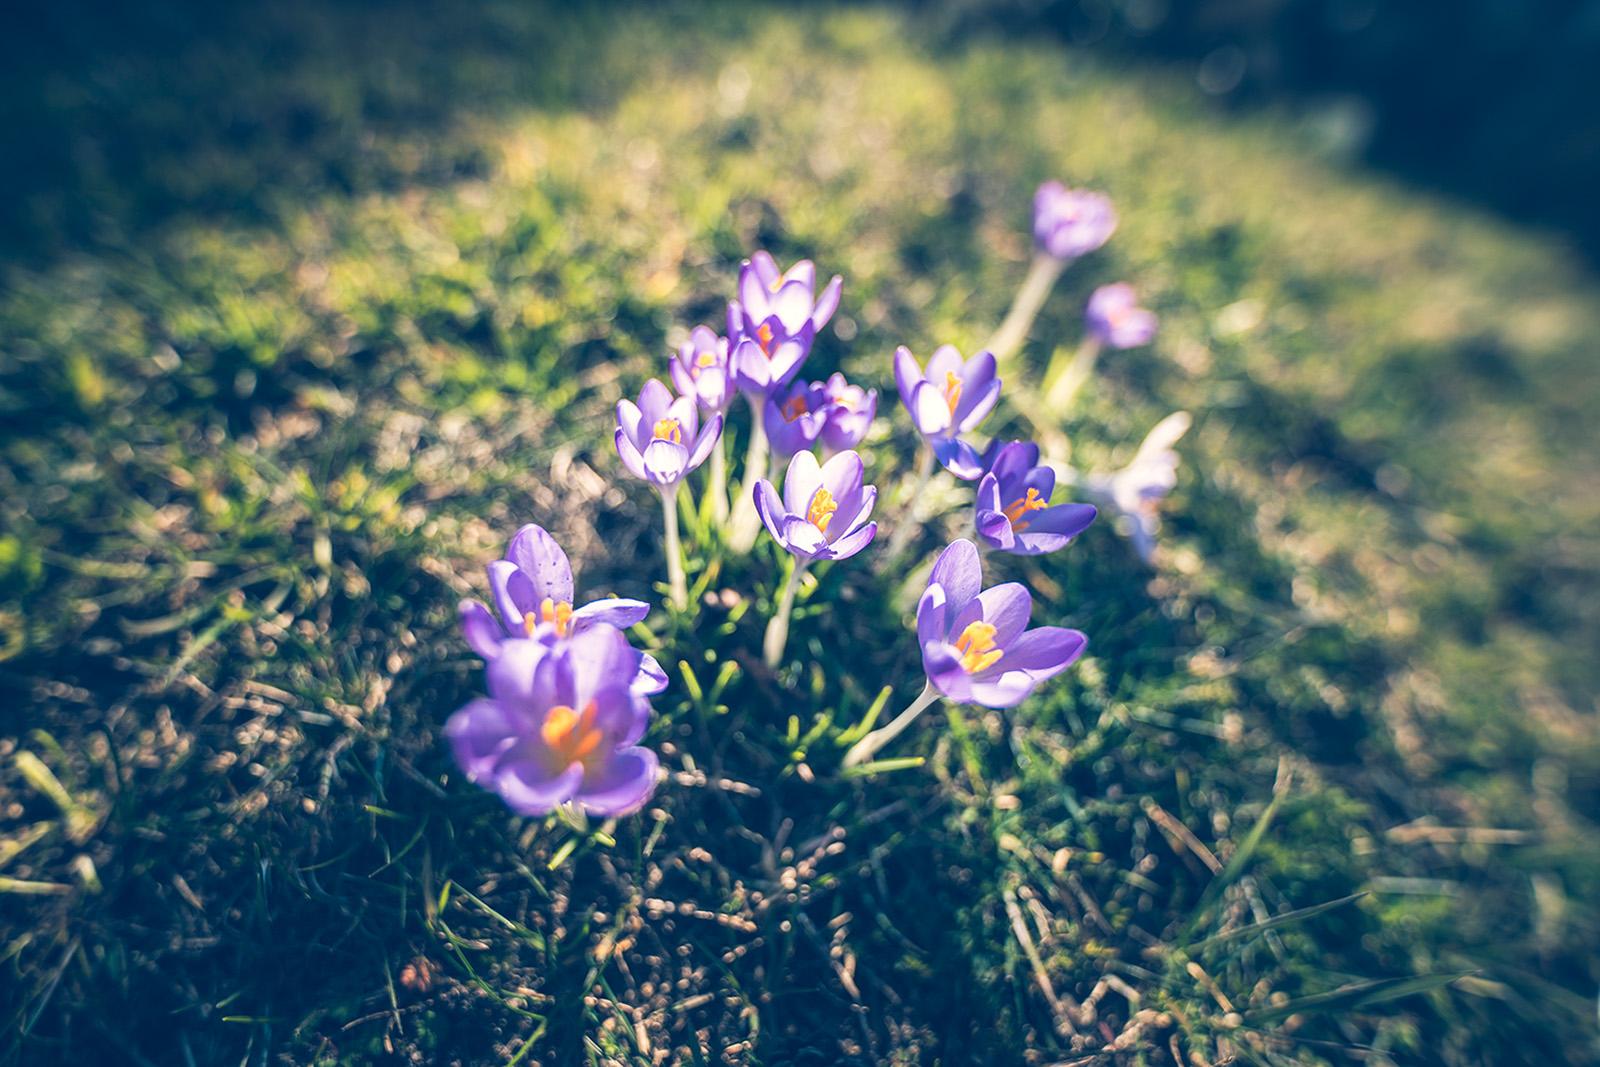 Blume Krokus - Fototouren